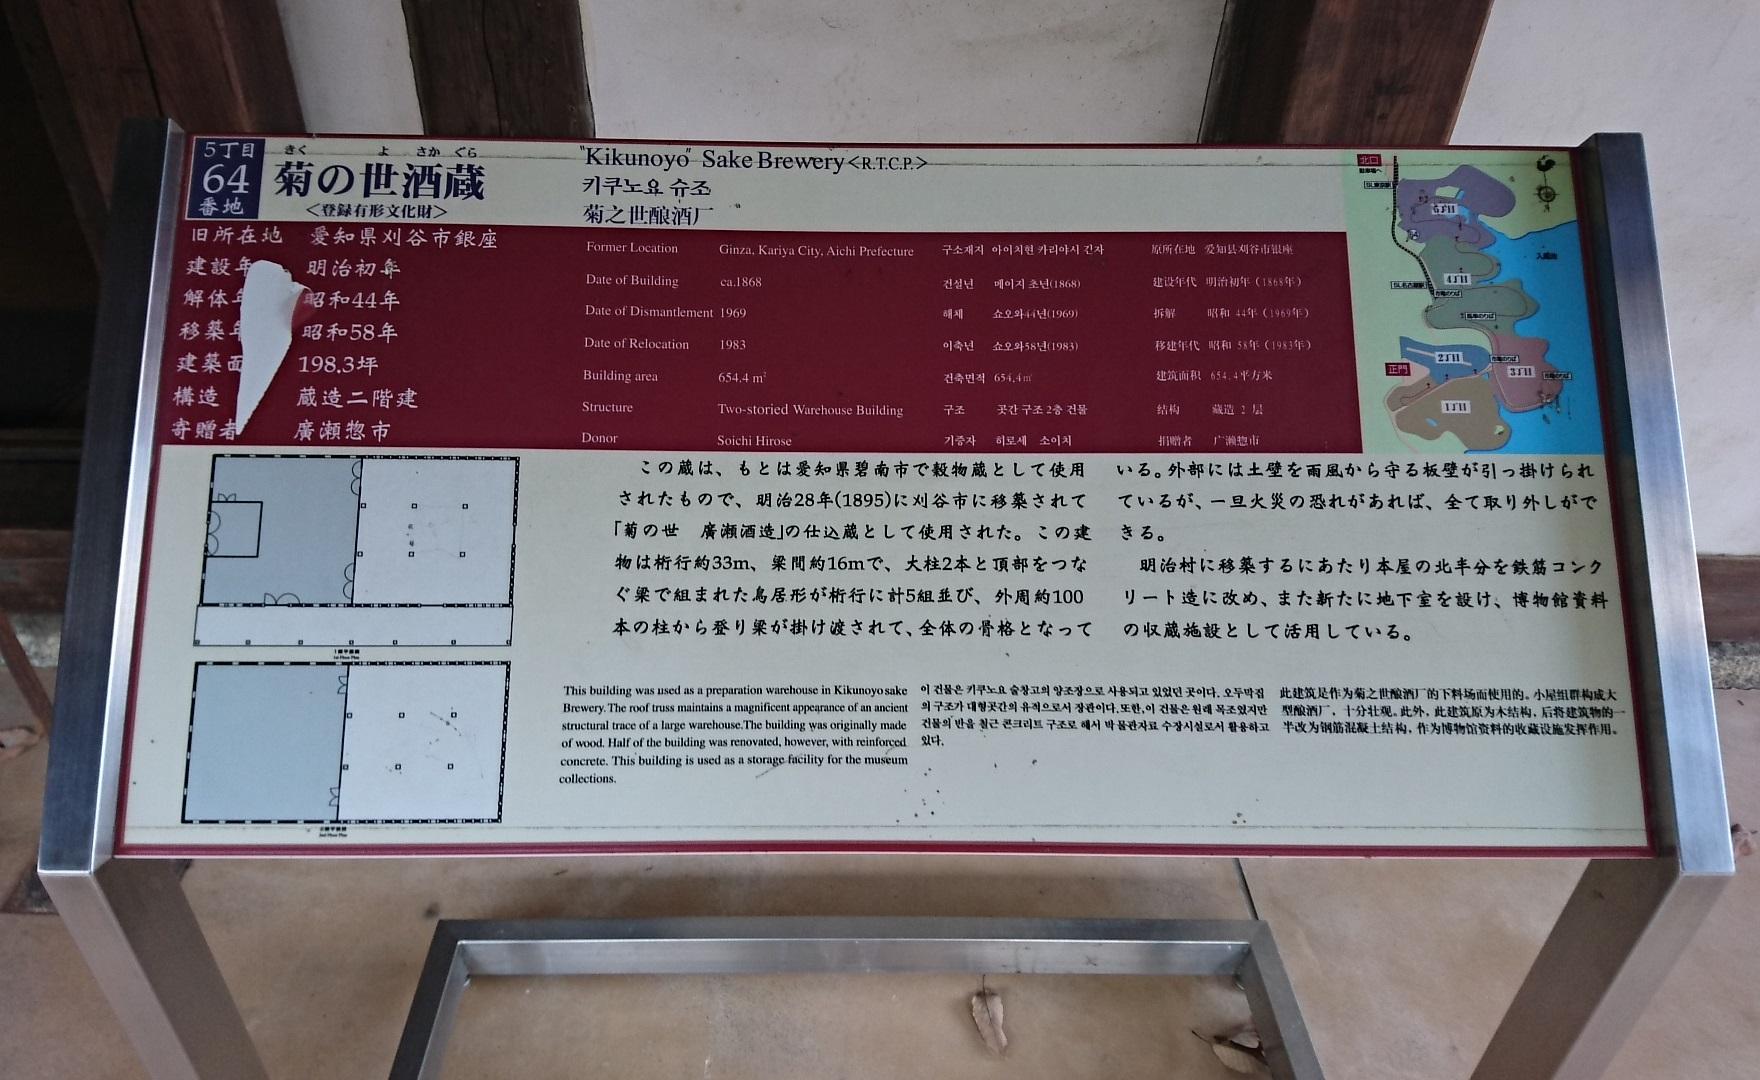 2017.12.28 明治村 (24) 菊の世酒蔵 1760-1080